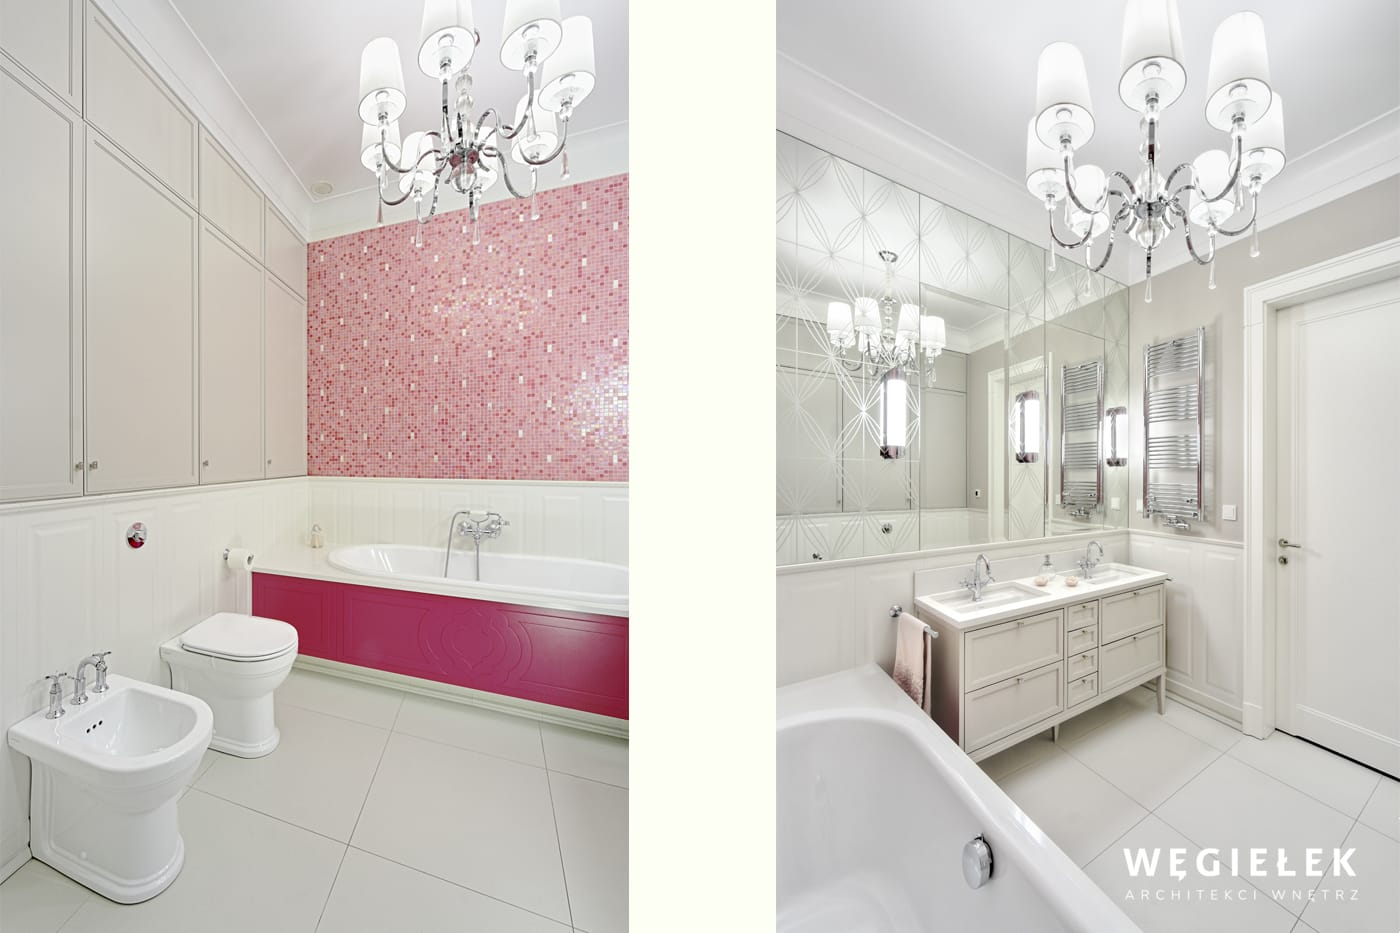 Architekt Węgiełek stworzył bardzo przestronne wnętrze łazienki o oryginalnym wystroju. Ta propozycja jest przeznaczona dla młodej damy.